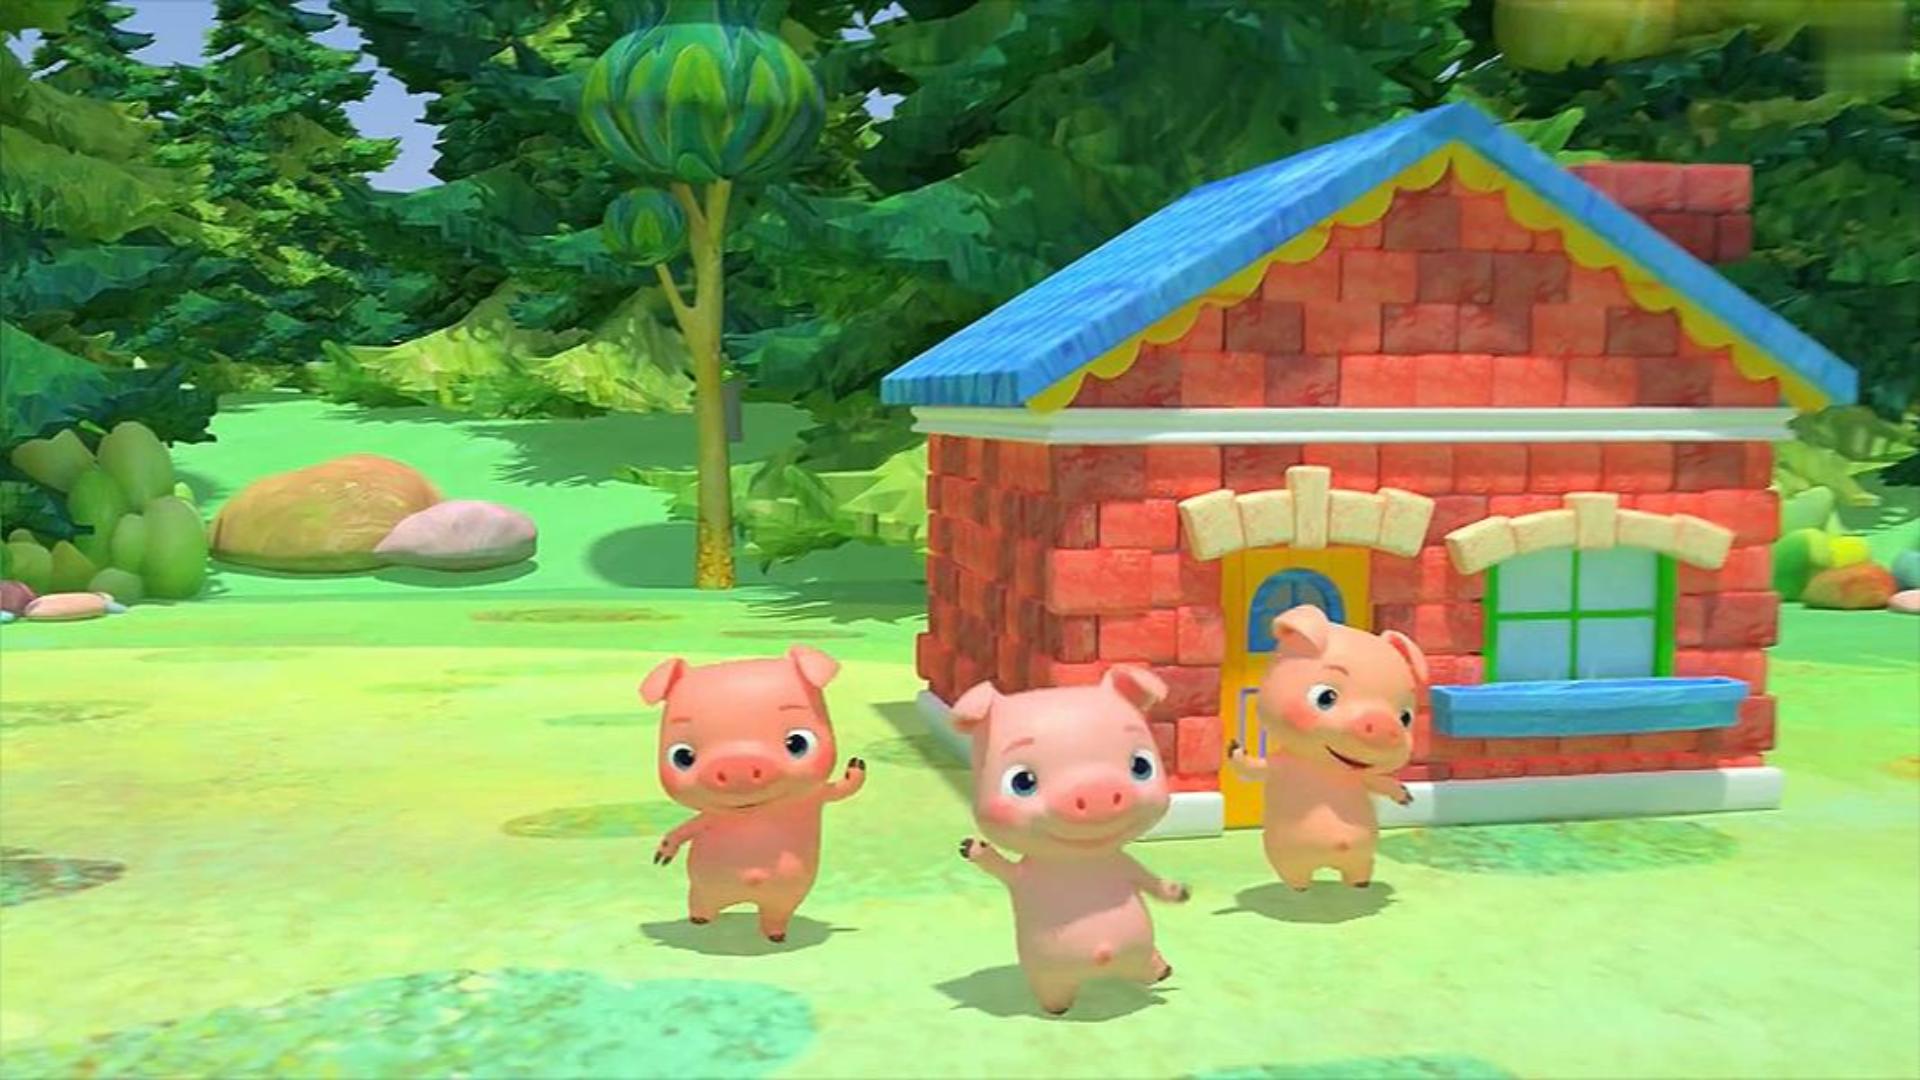 三只小猪盖房子,为什么第三只小猪的房子最坚固,没有被大灰狼吹倒呢?